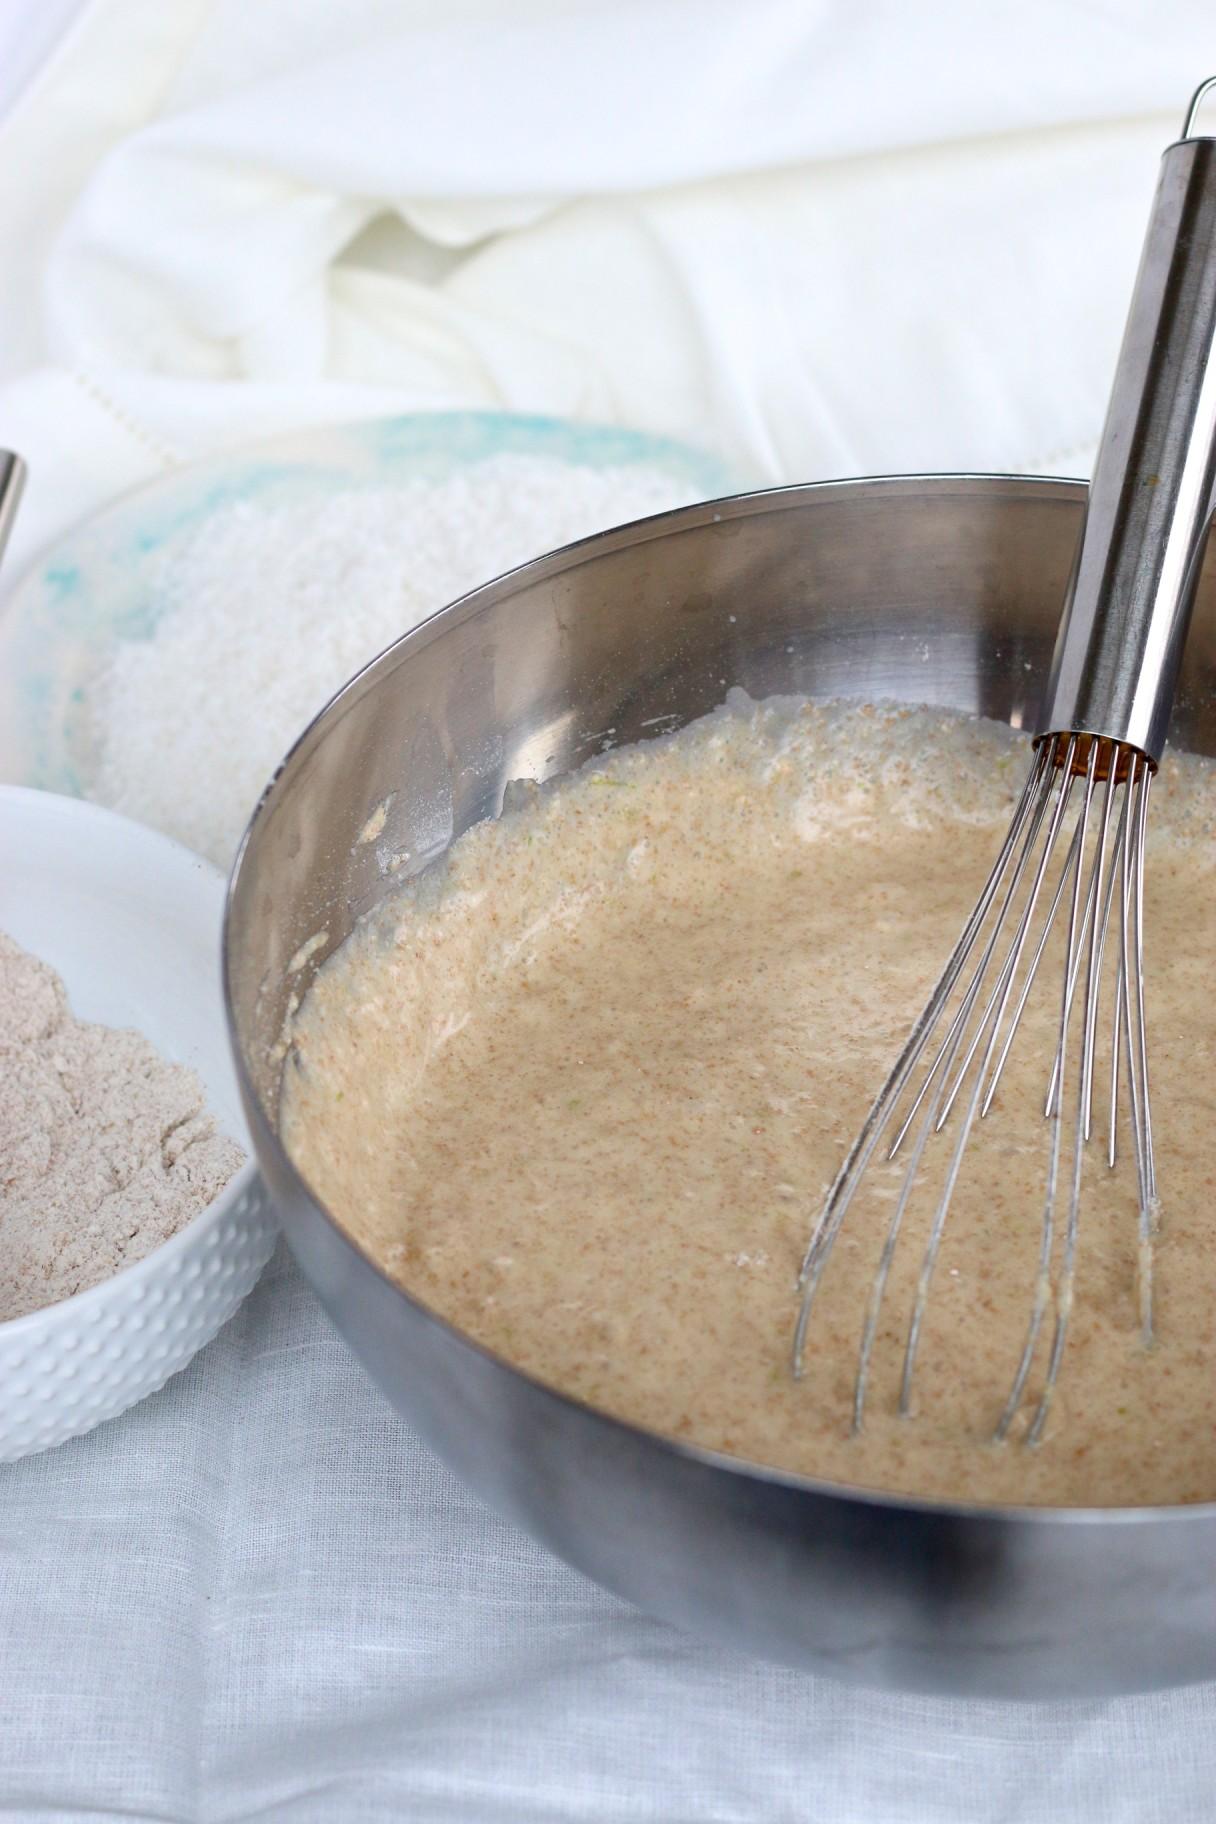 Pan de coco y limón con glace de jugo de limón y coco tostado espolvoreado arriba-piloncilloyvainilla.com